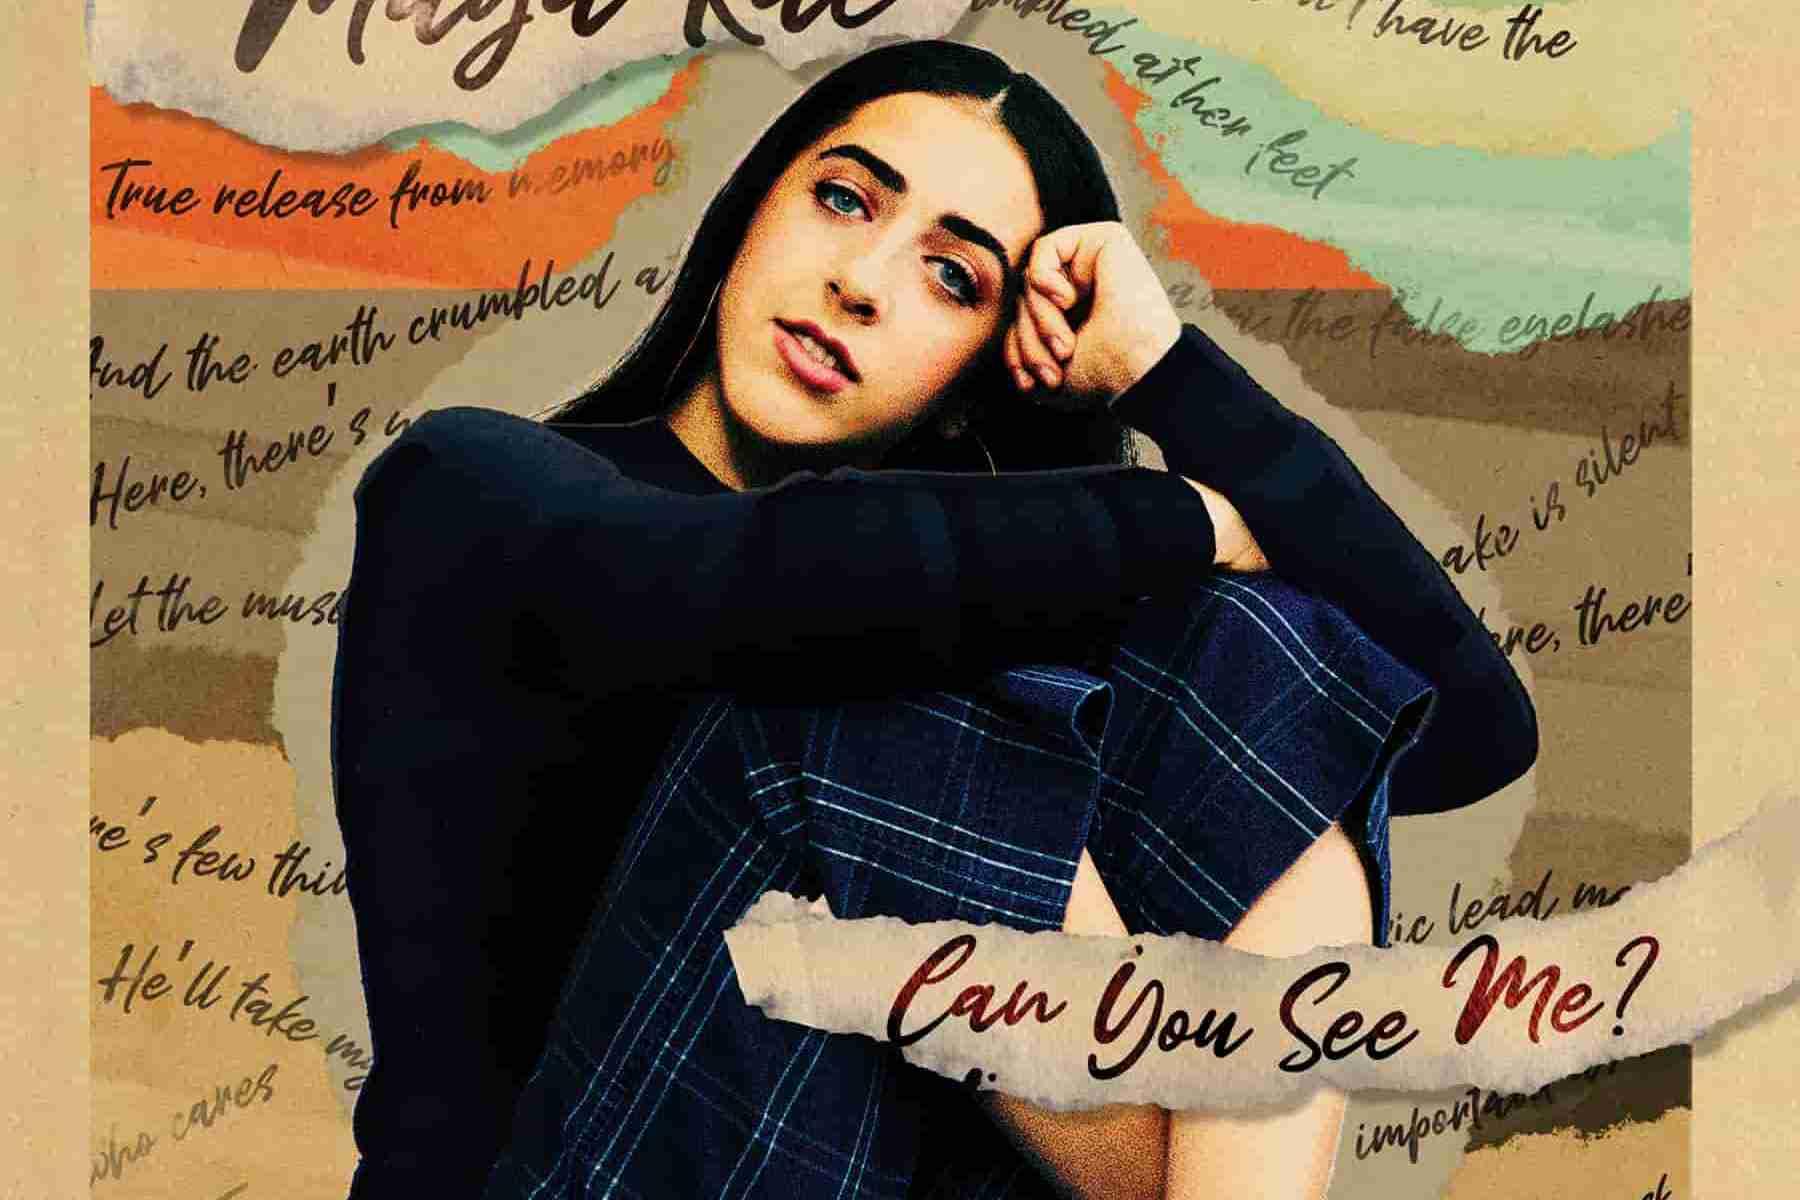 Maya Rae's album cover